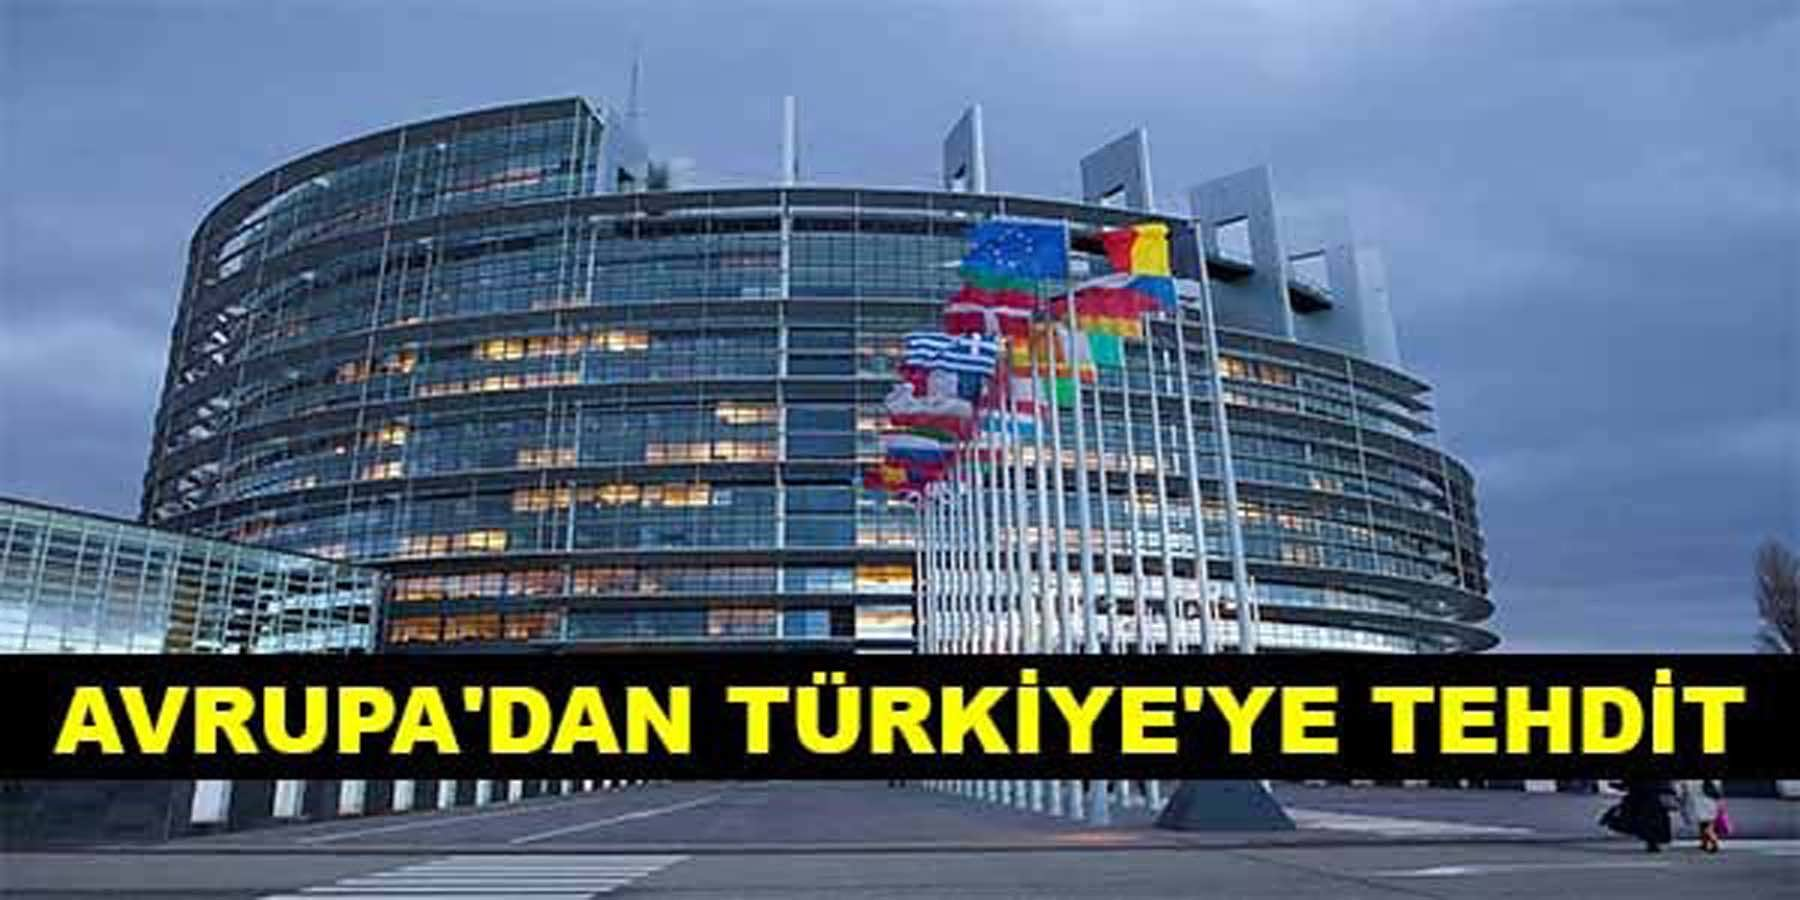 Avrupa'dan Türkiye'ye Tehdit